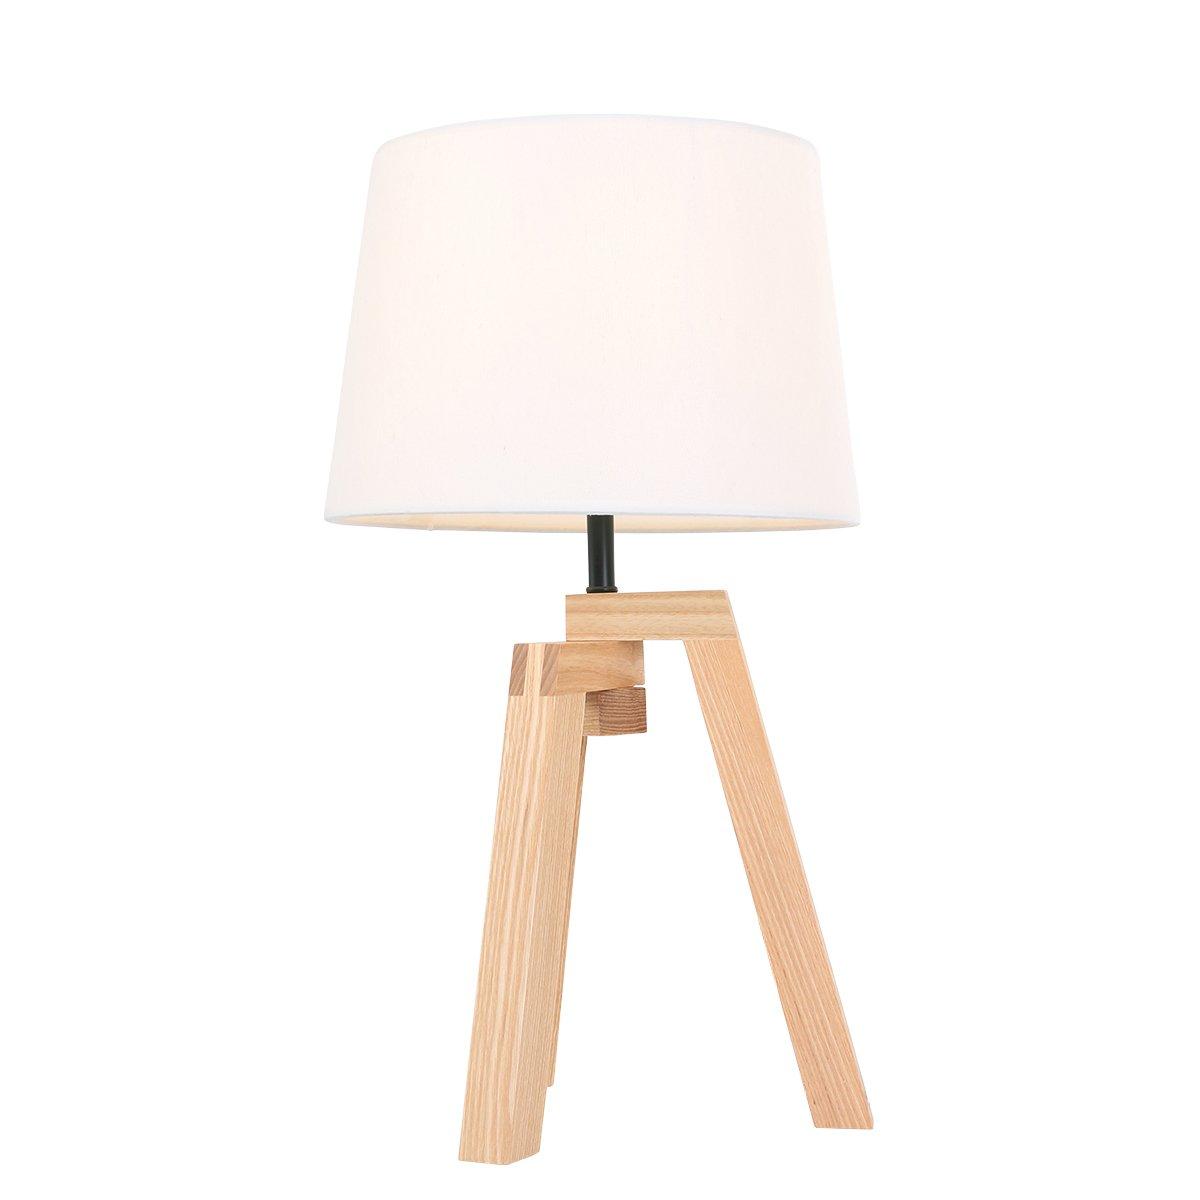 Steinhauer Landelijke tafellamp Bess Steinhauer 7662BE